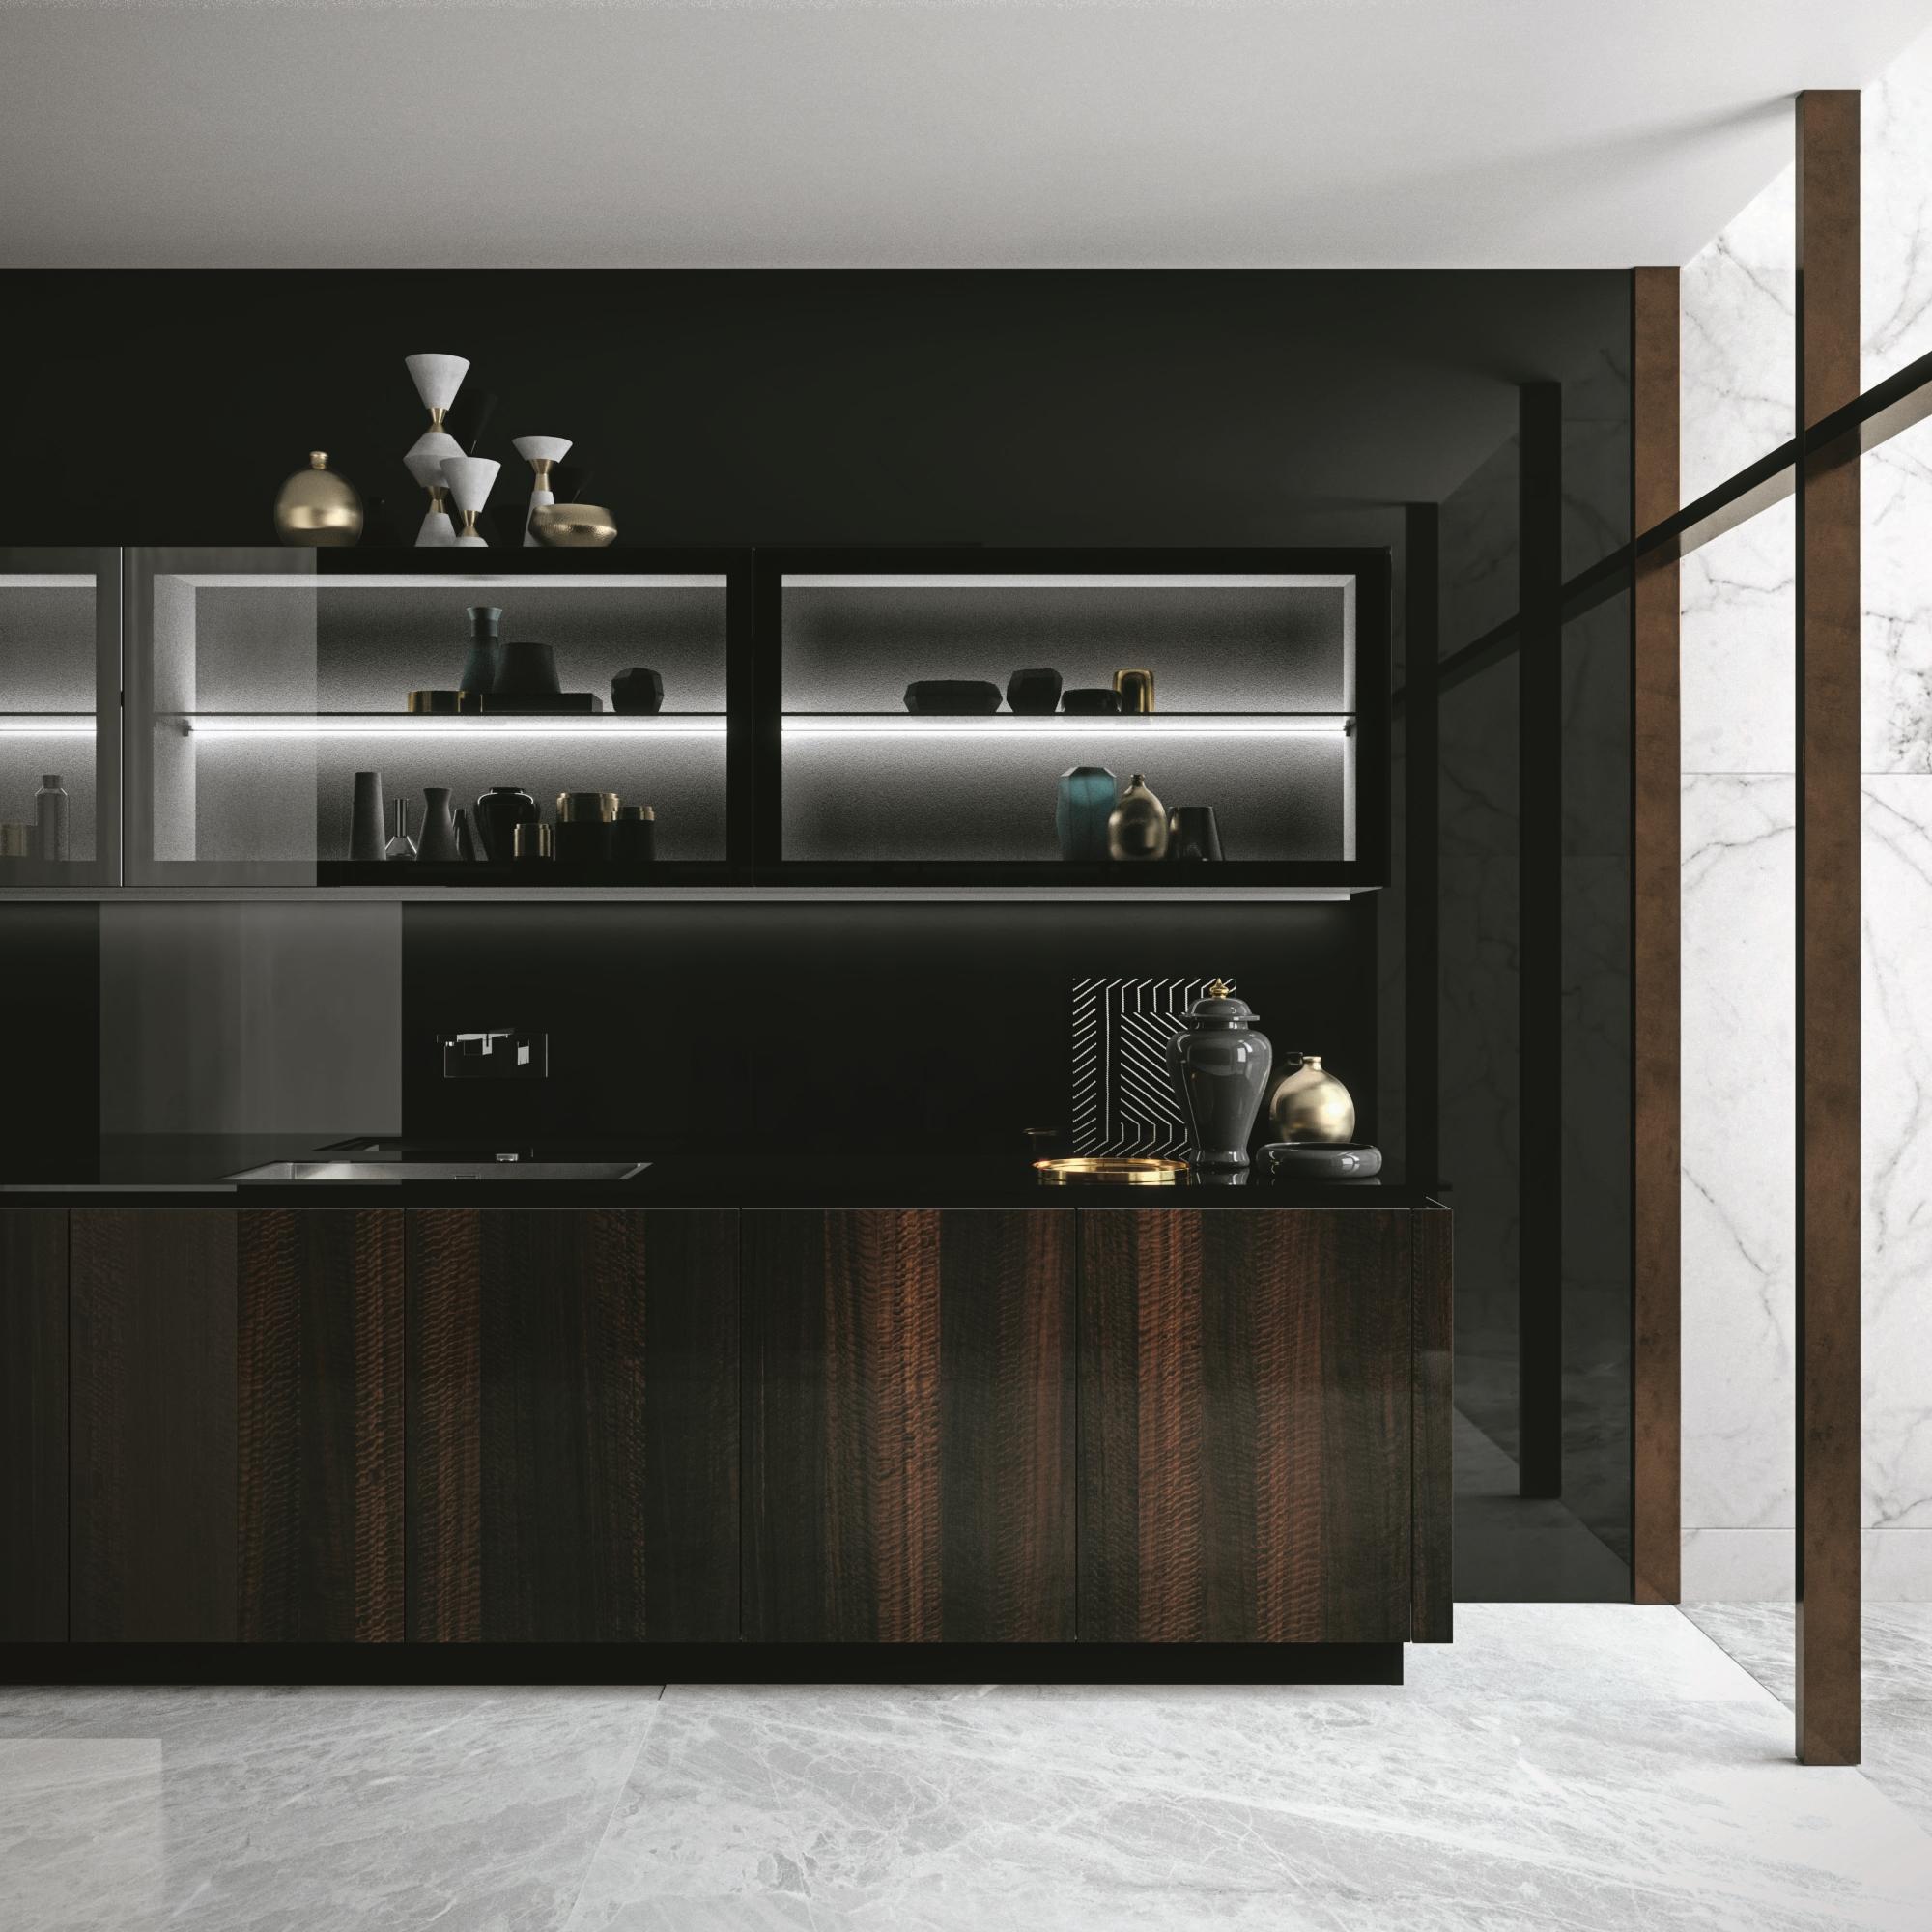 Cucine_moderne_WAY_Snaidero_08